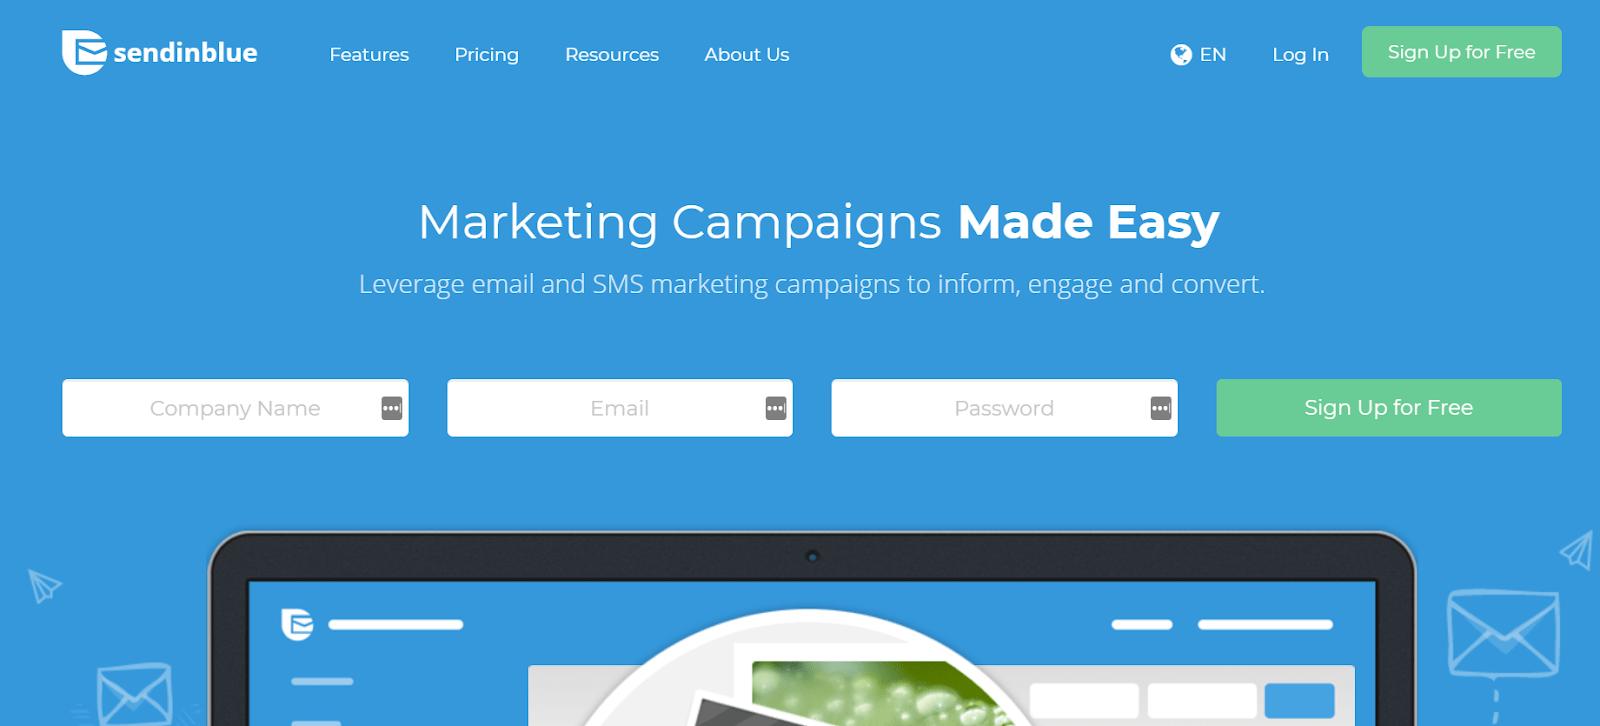 SendinBlue Email Marketing Tool